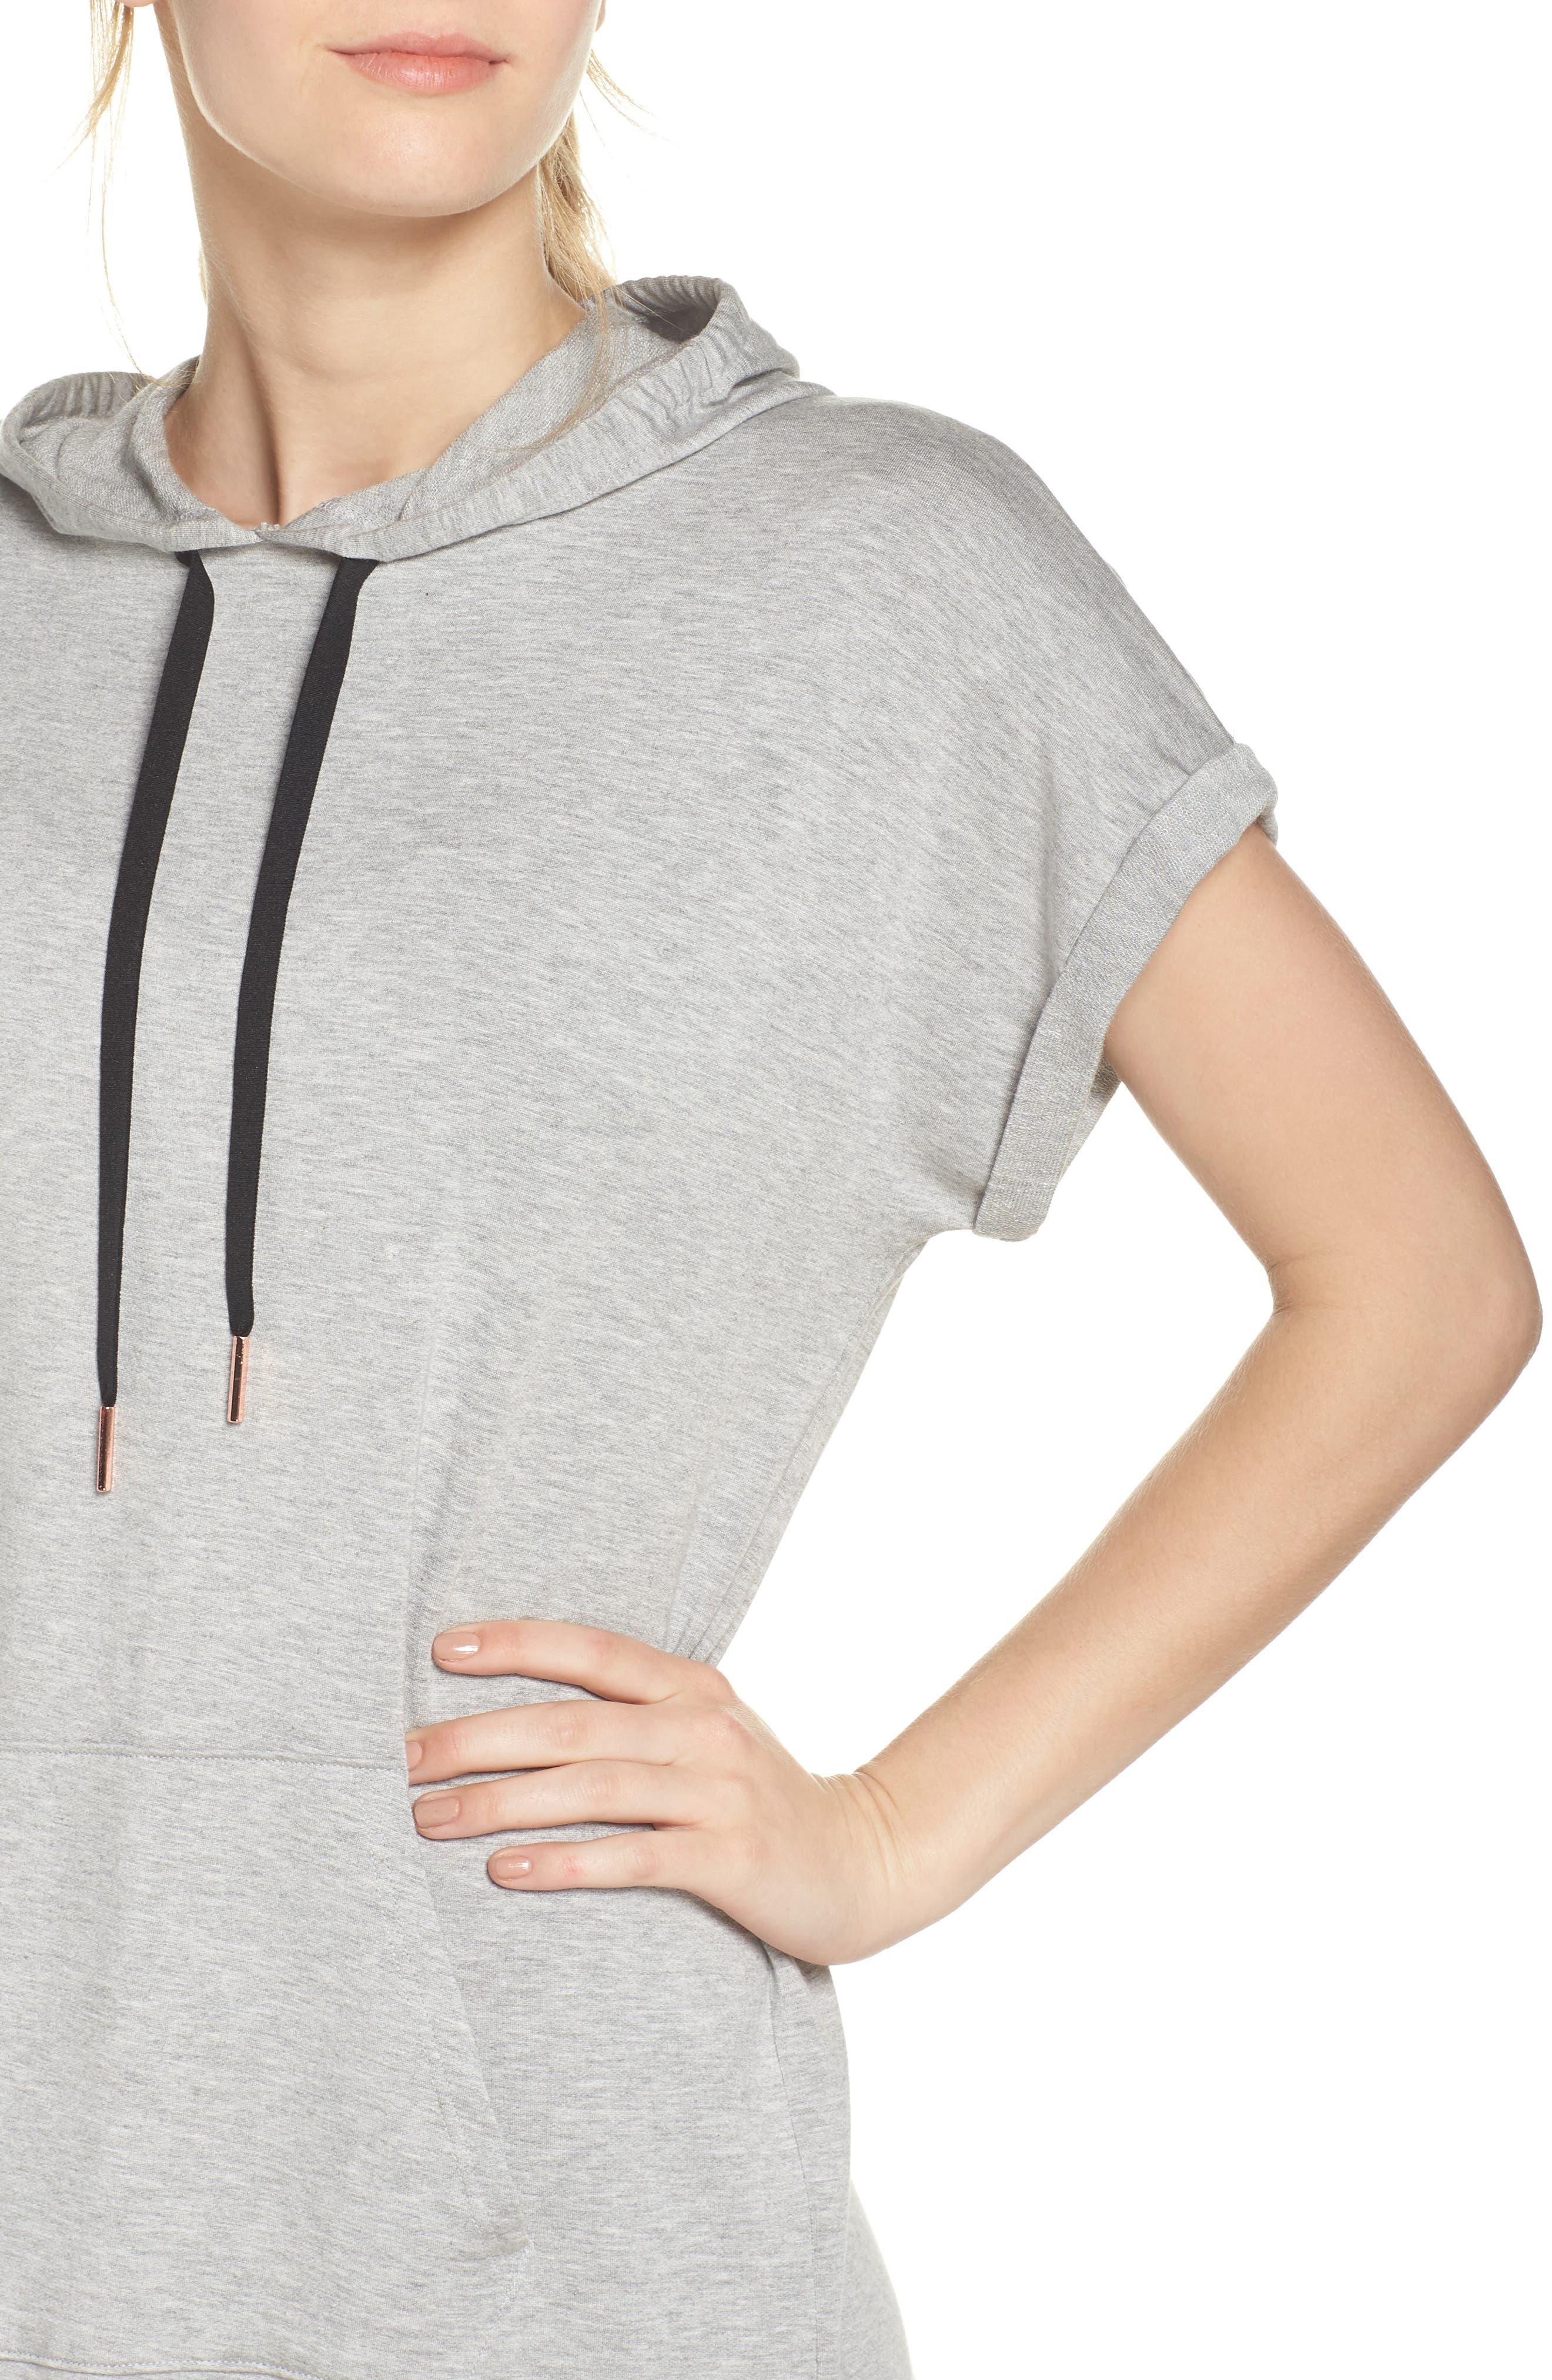 It's All Hoodie Hooded Sweatshirt Dress,                             Alternate thumbnail 4, color,                             023